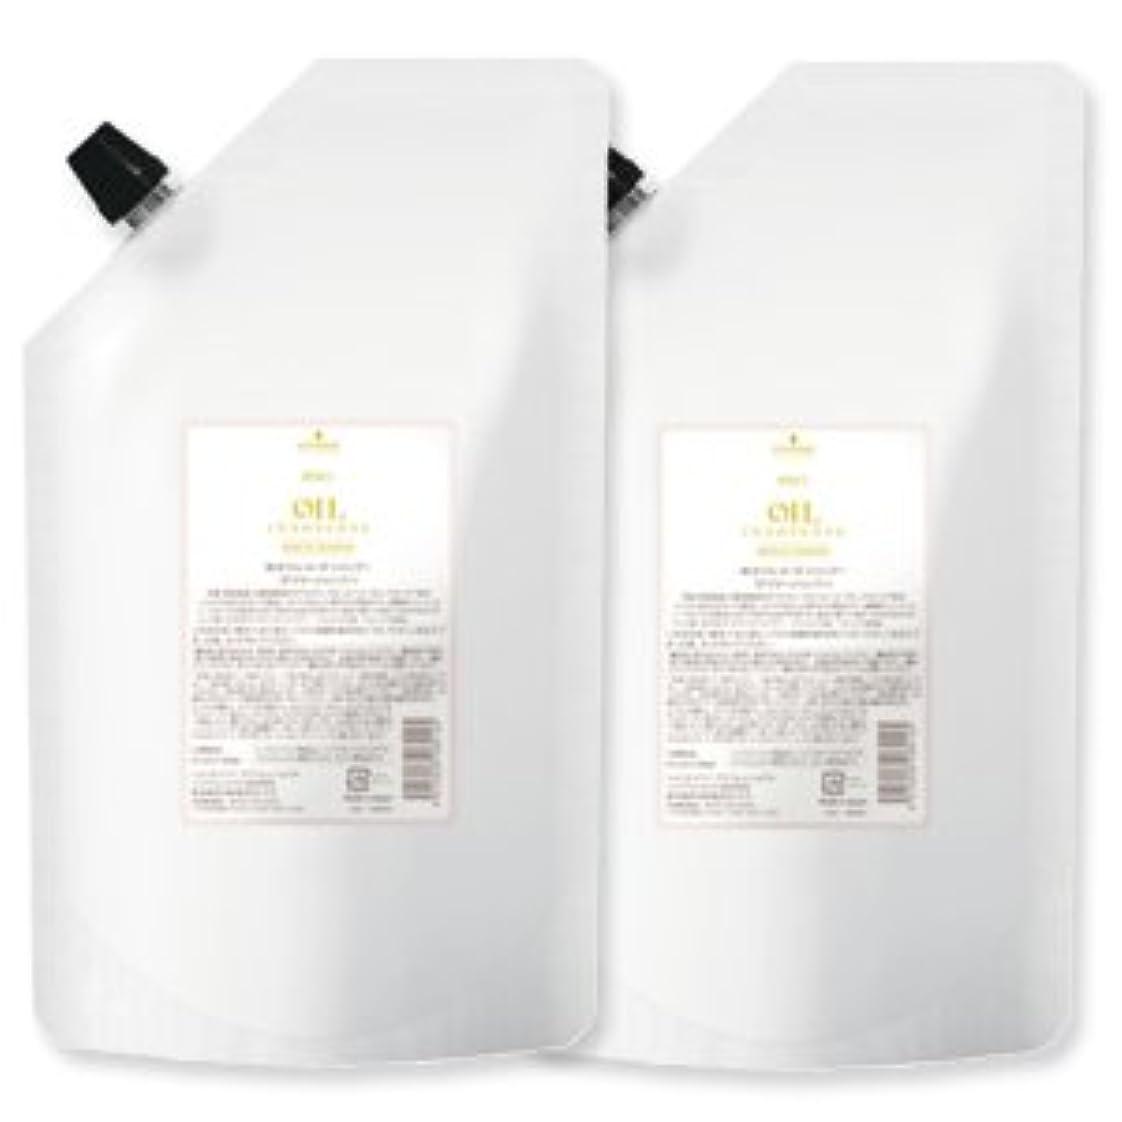 欺く曇った鎮痛剤シュワルツコフ BC オイルローズ ローズオイル シャンプー 1000mL 詰め替え ×2個 セット